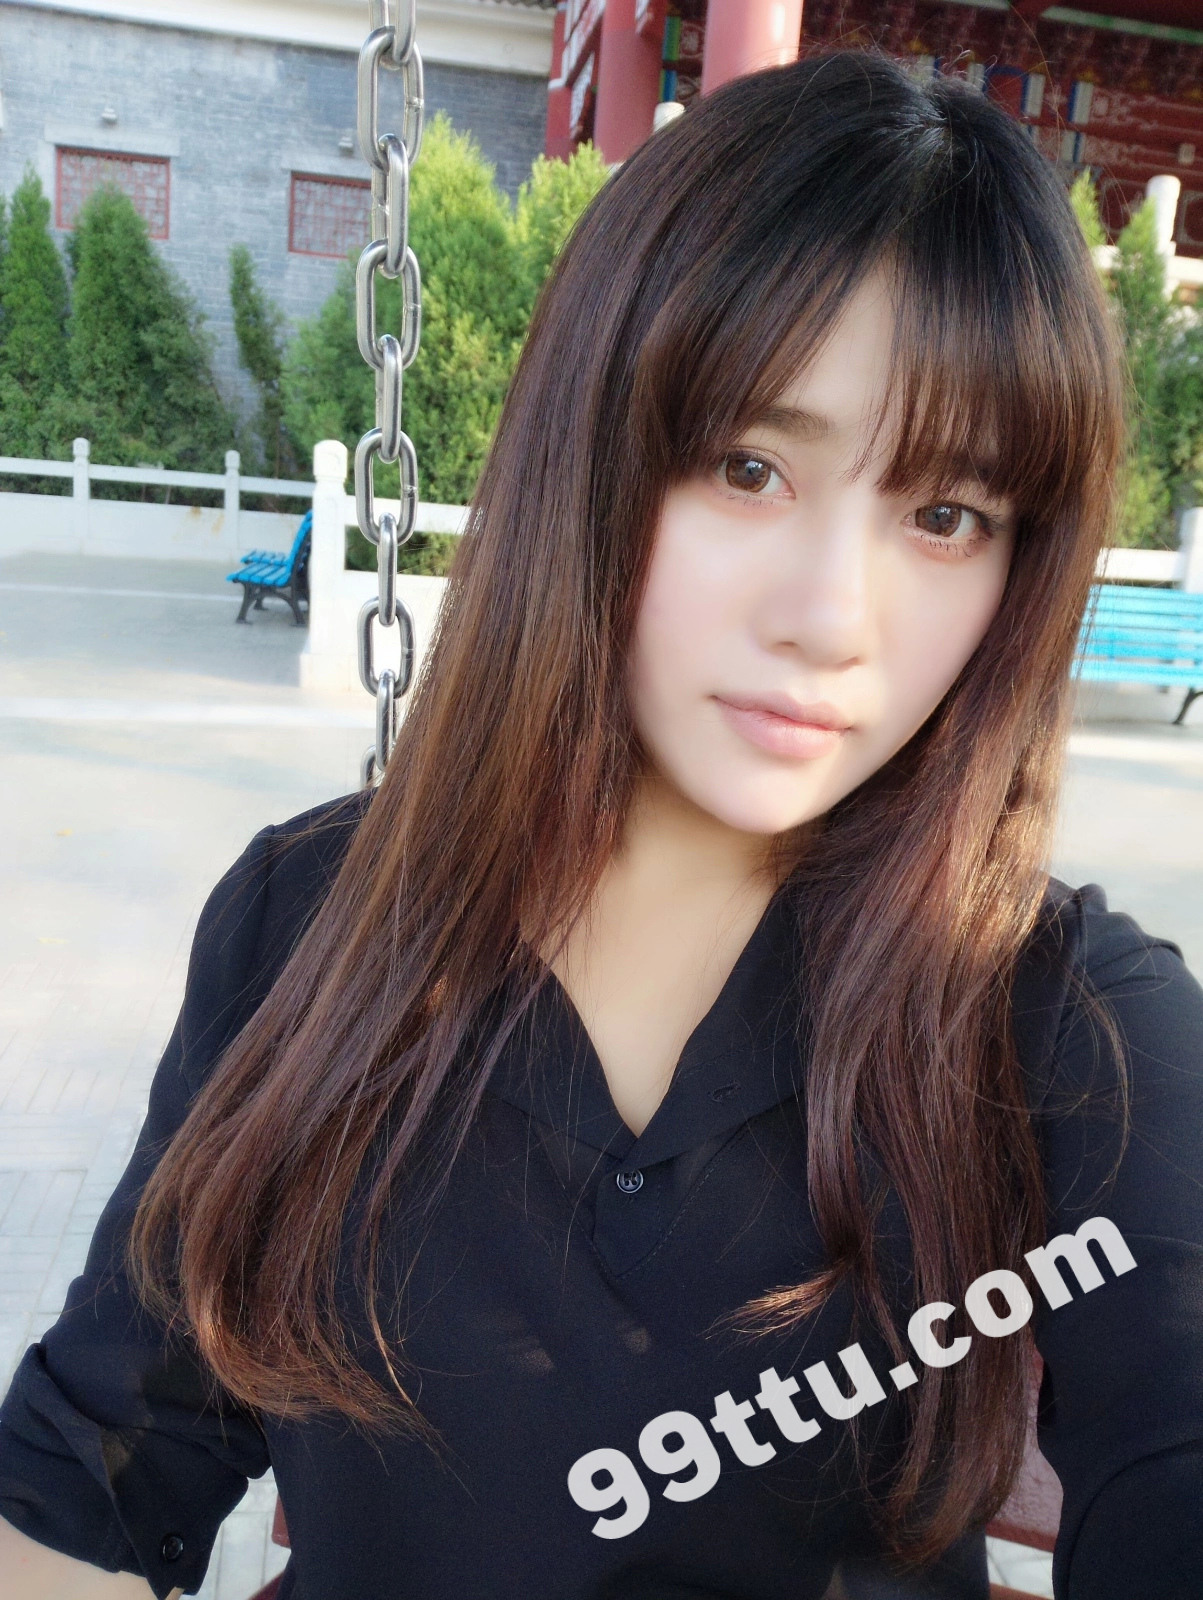 KK90_1390图+6视频 美女靓丽青春素材生活照-4